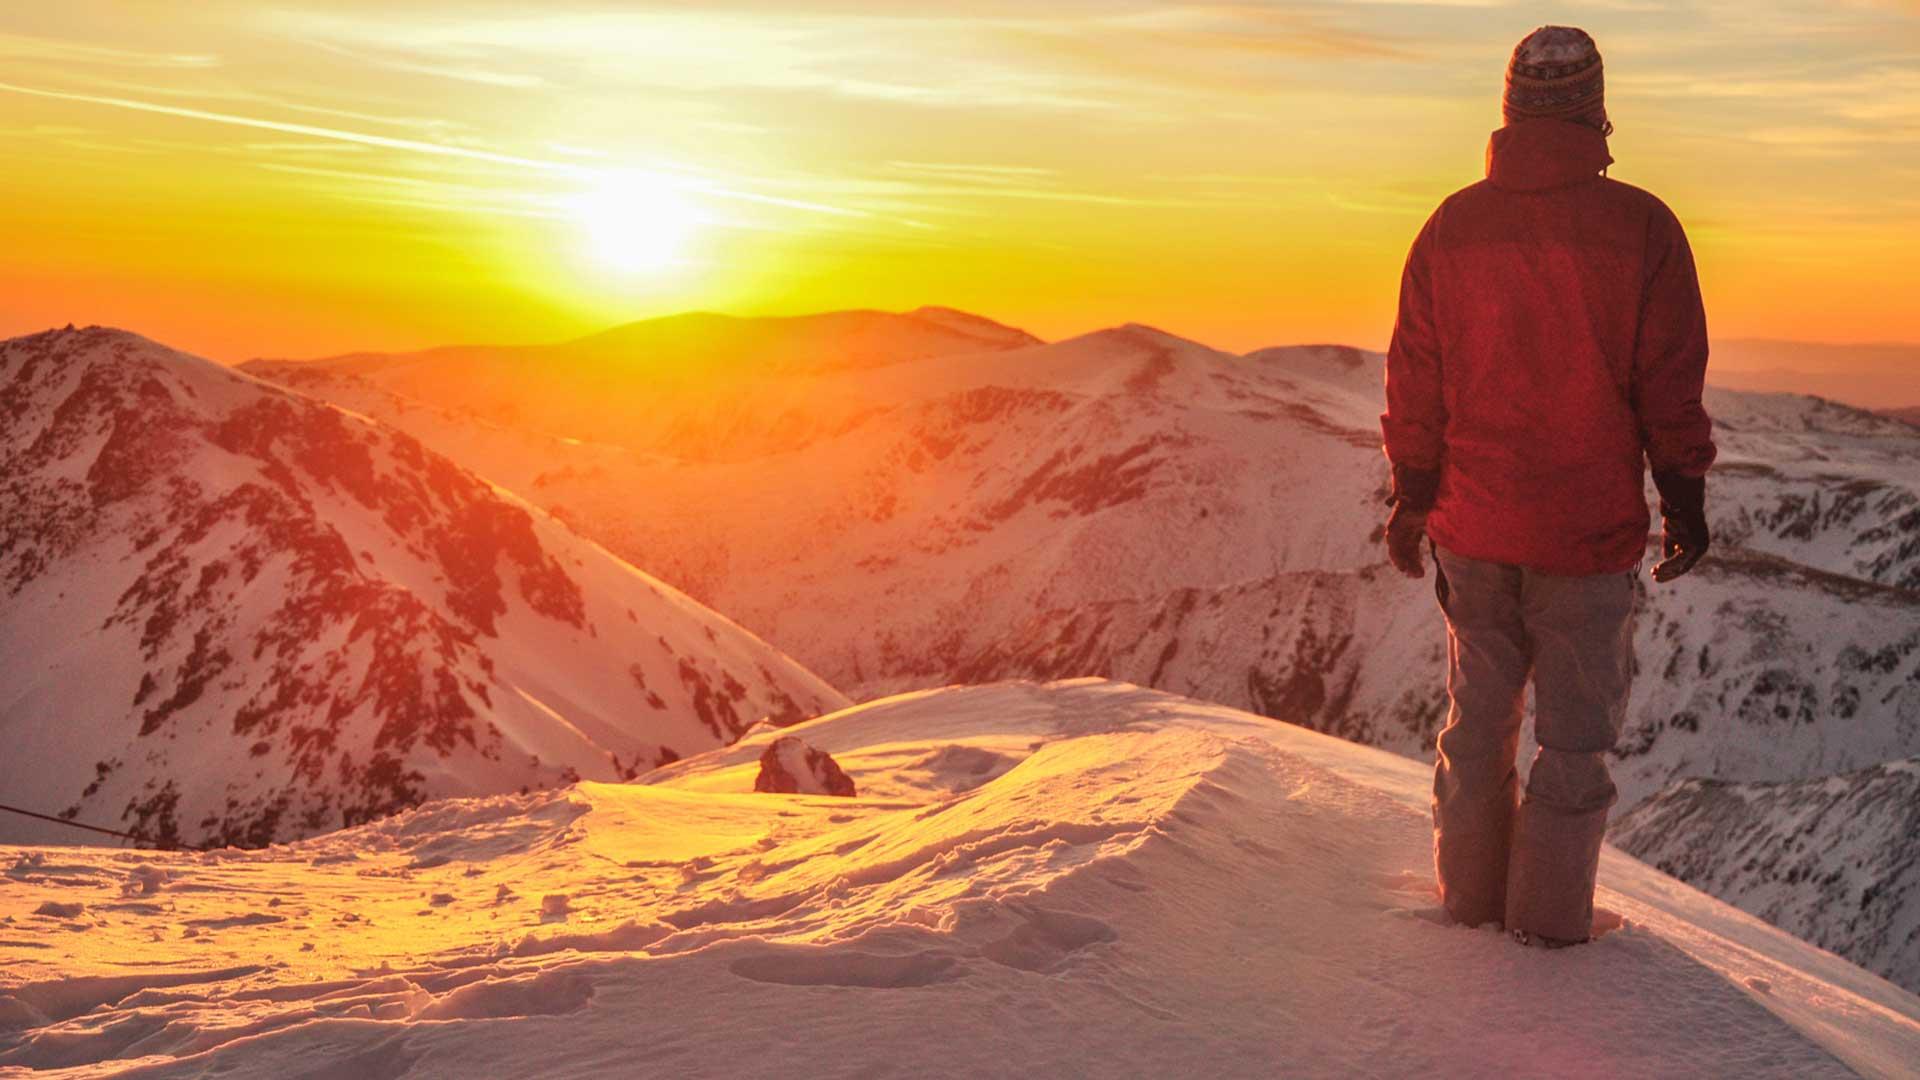 Climber facing sunset